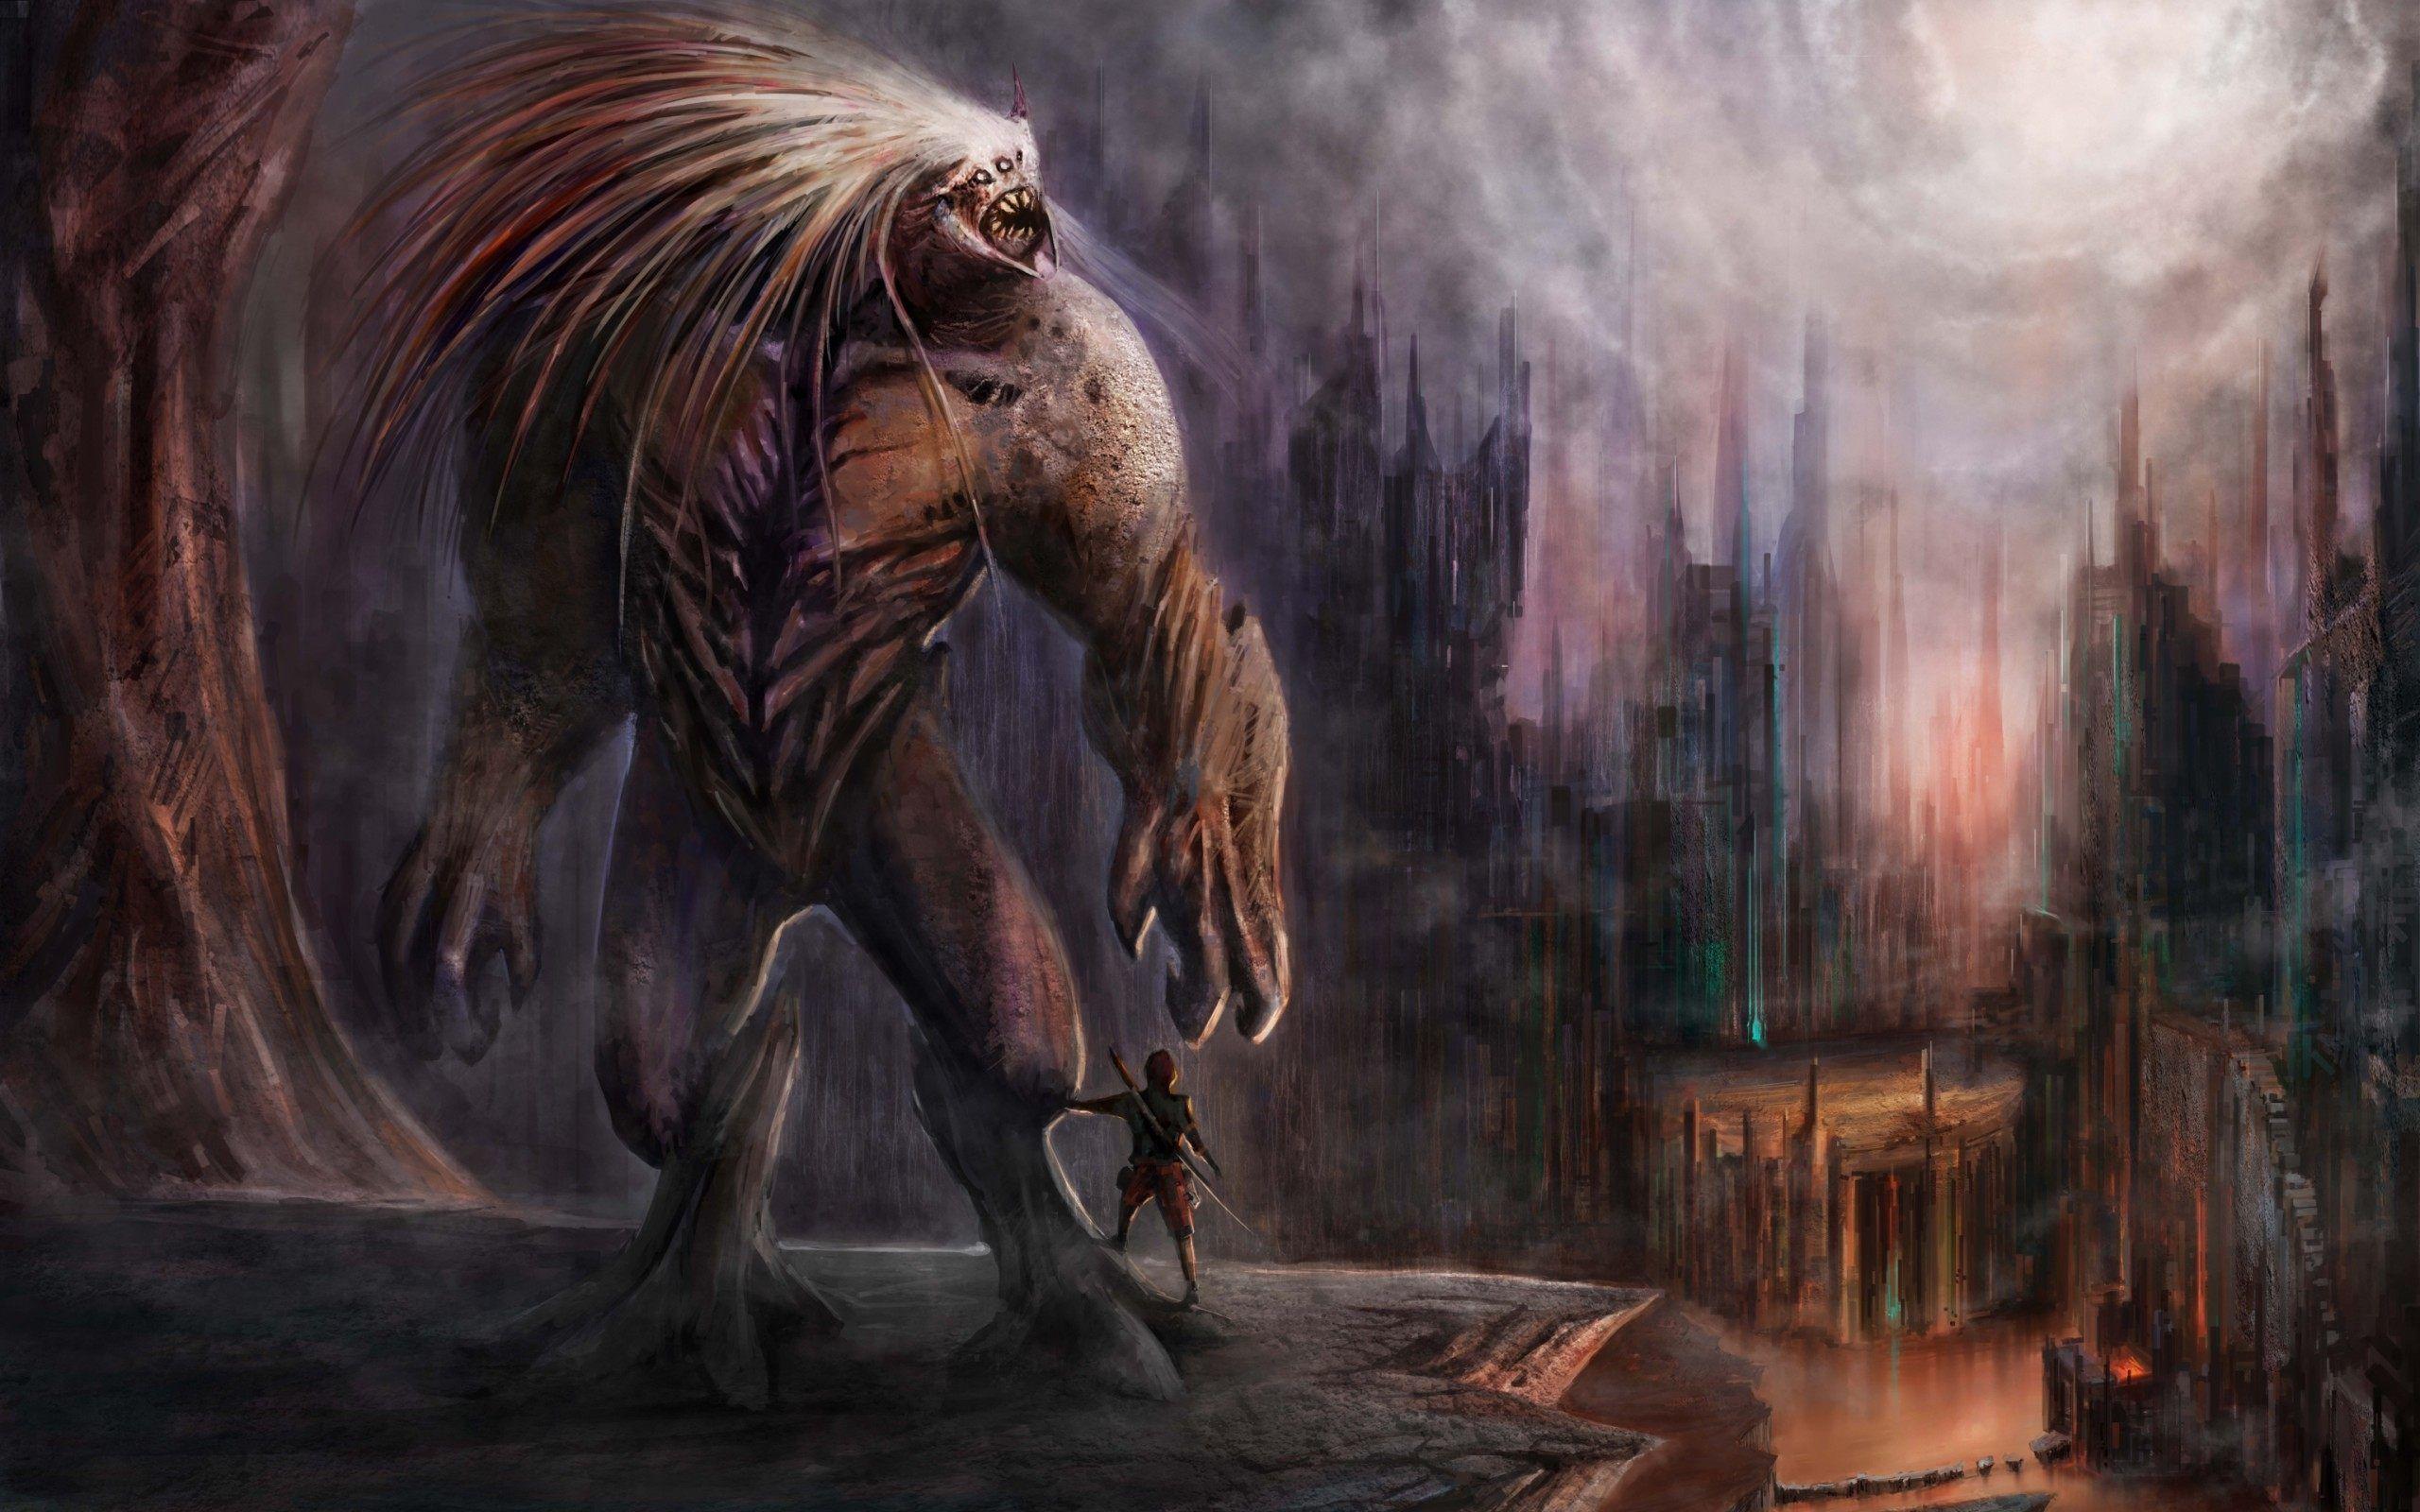 Giant Monster Wallpaper High Resolution Beast Wallpaper Creature Picture Full Hd Wallpaper